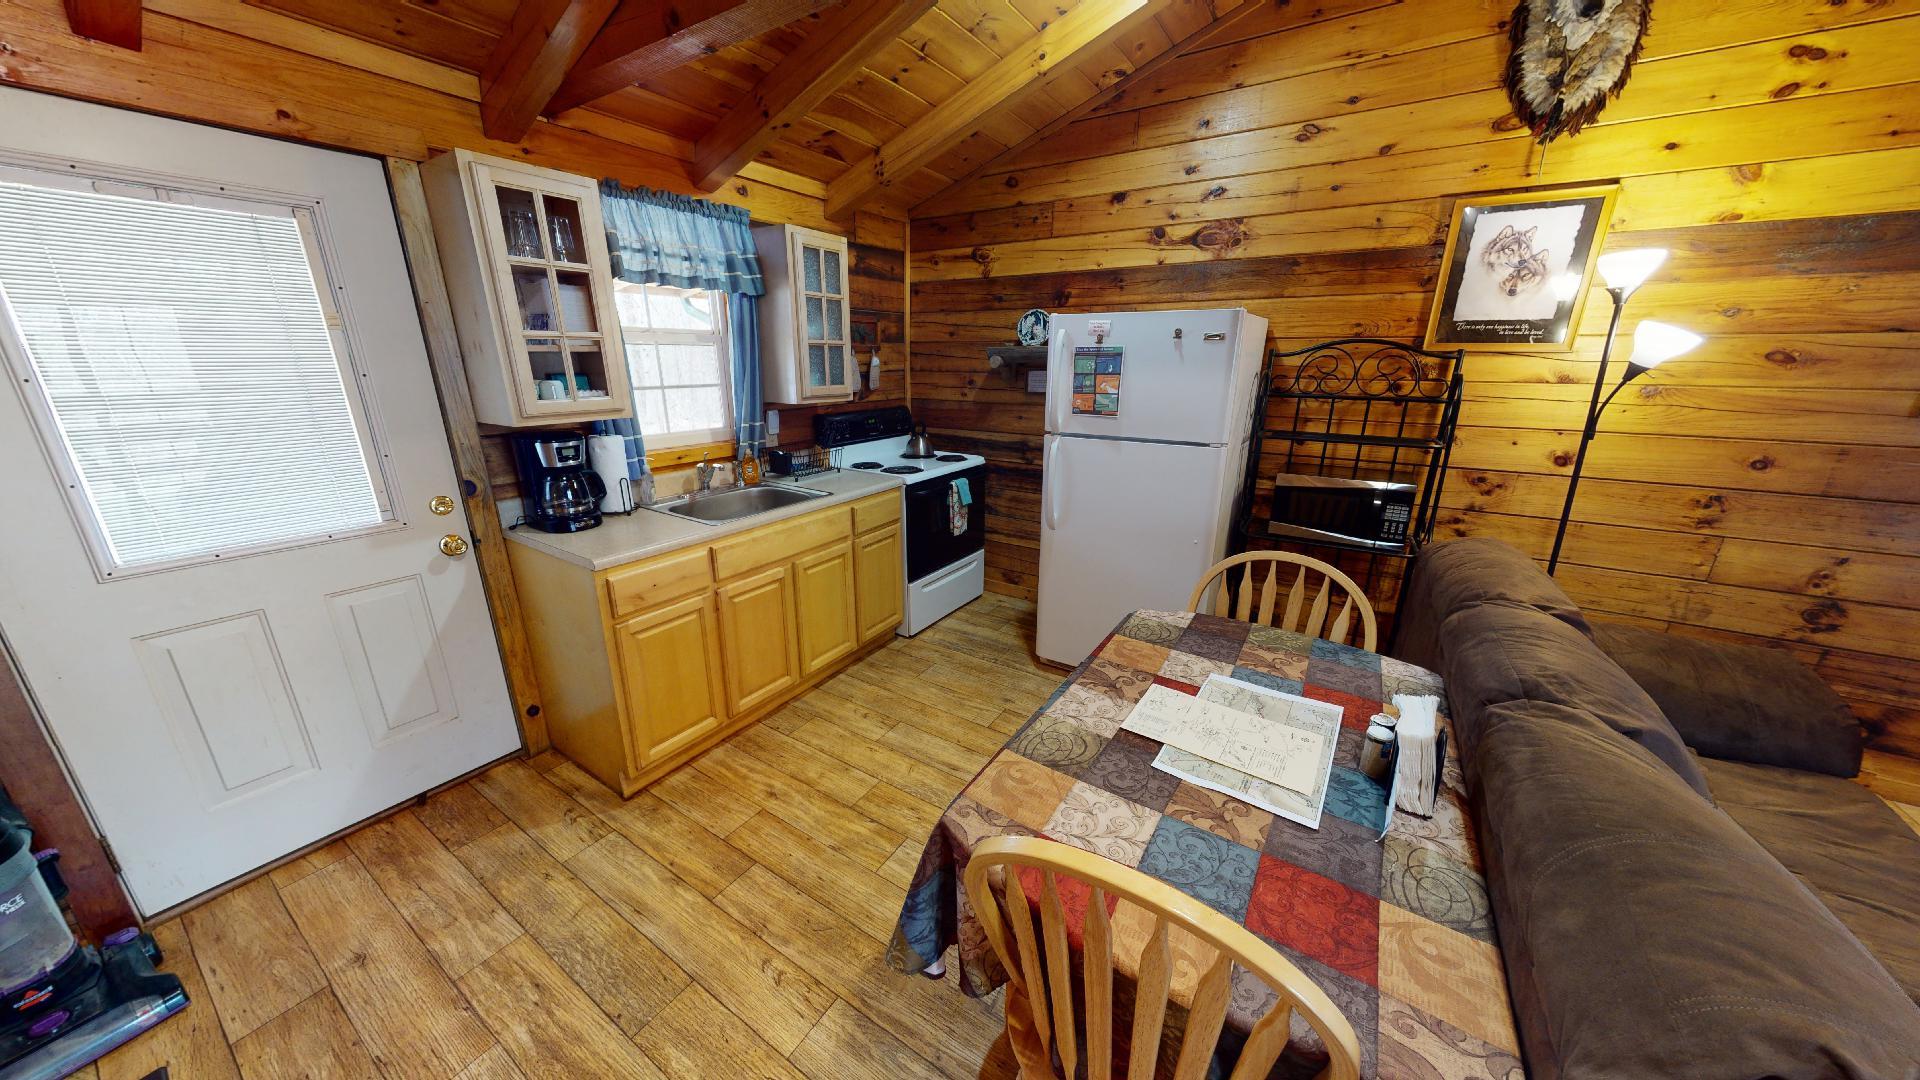 Silver Wolf Kitchen - Cozy kitchen with the essentials.